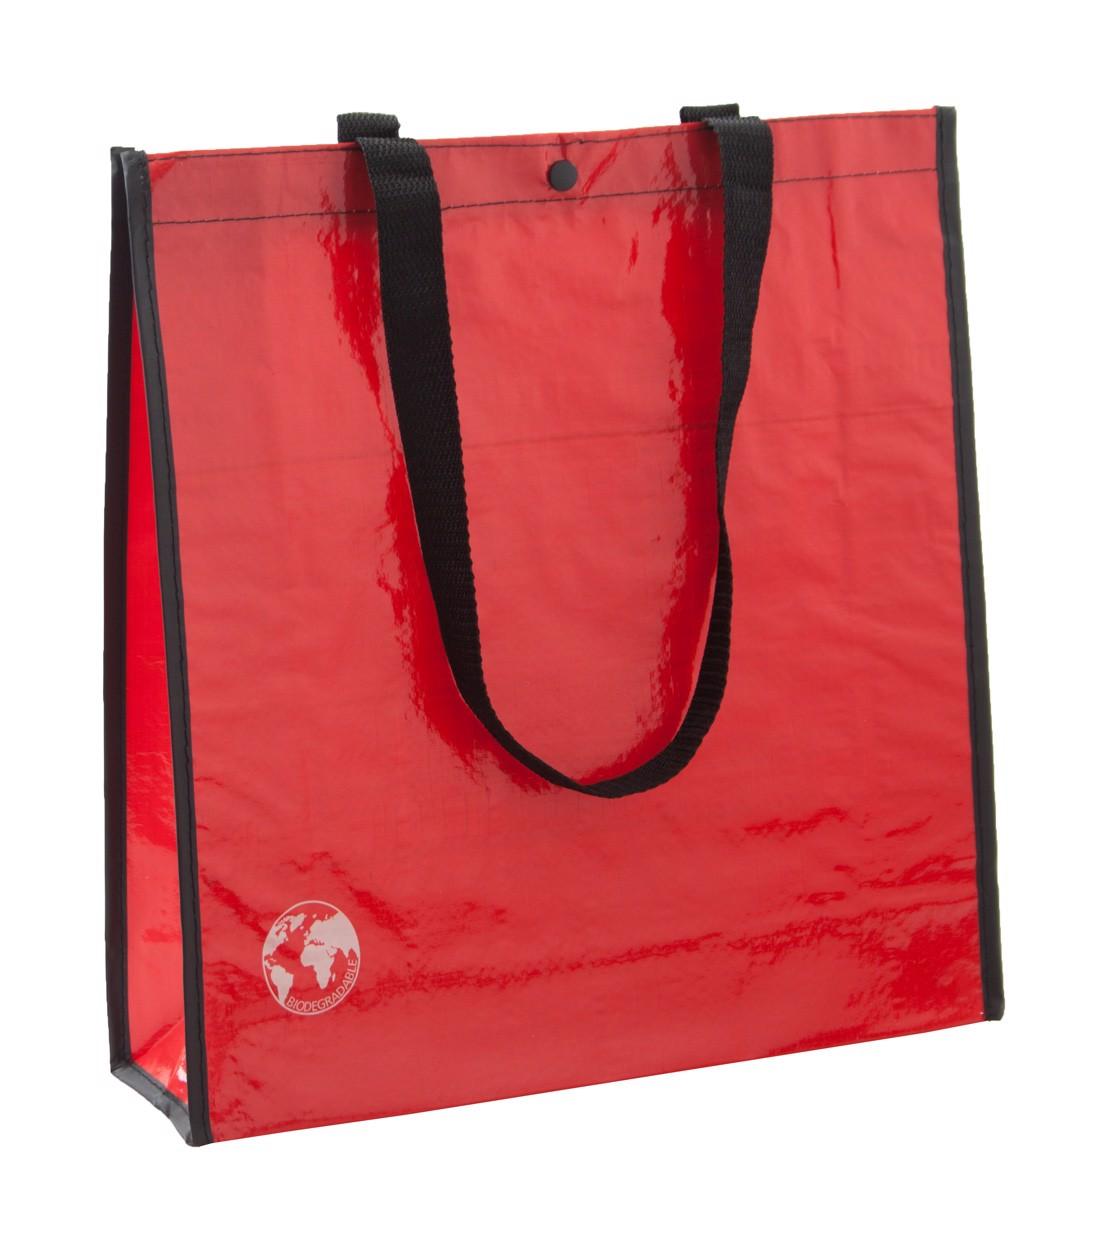 Nákupní Taška Z Recyklovaného Materiálu Recycle - Červená / Černá